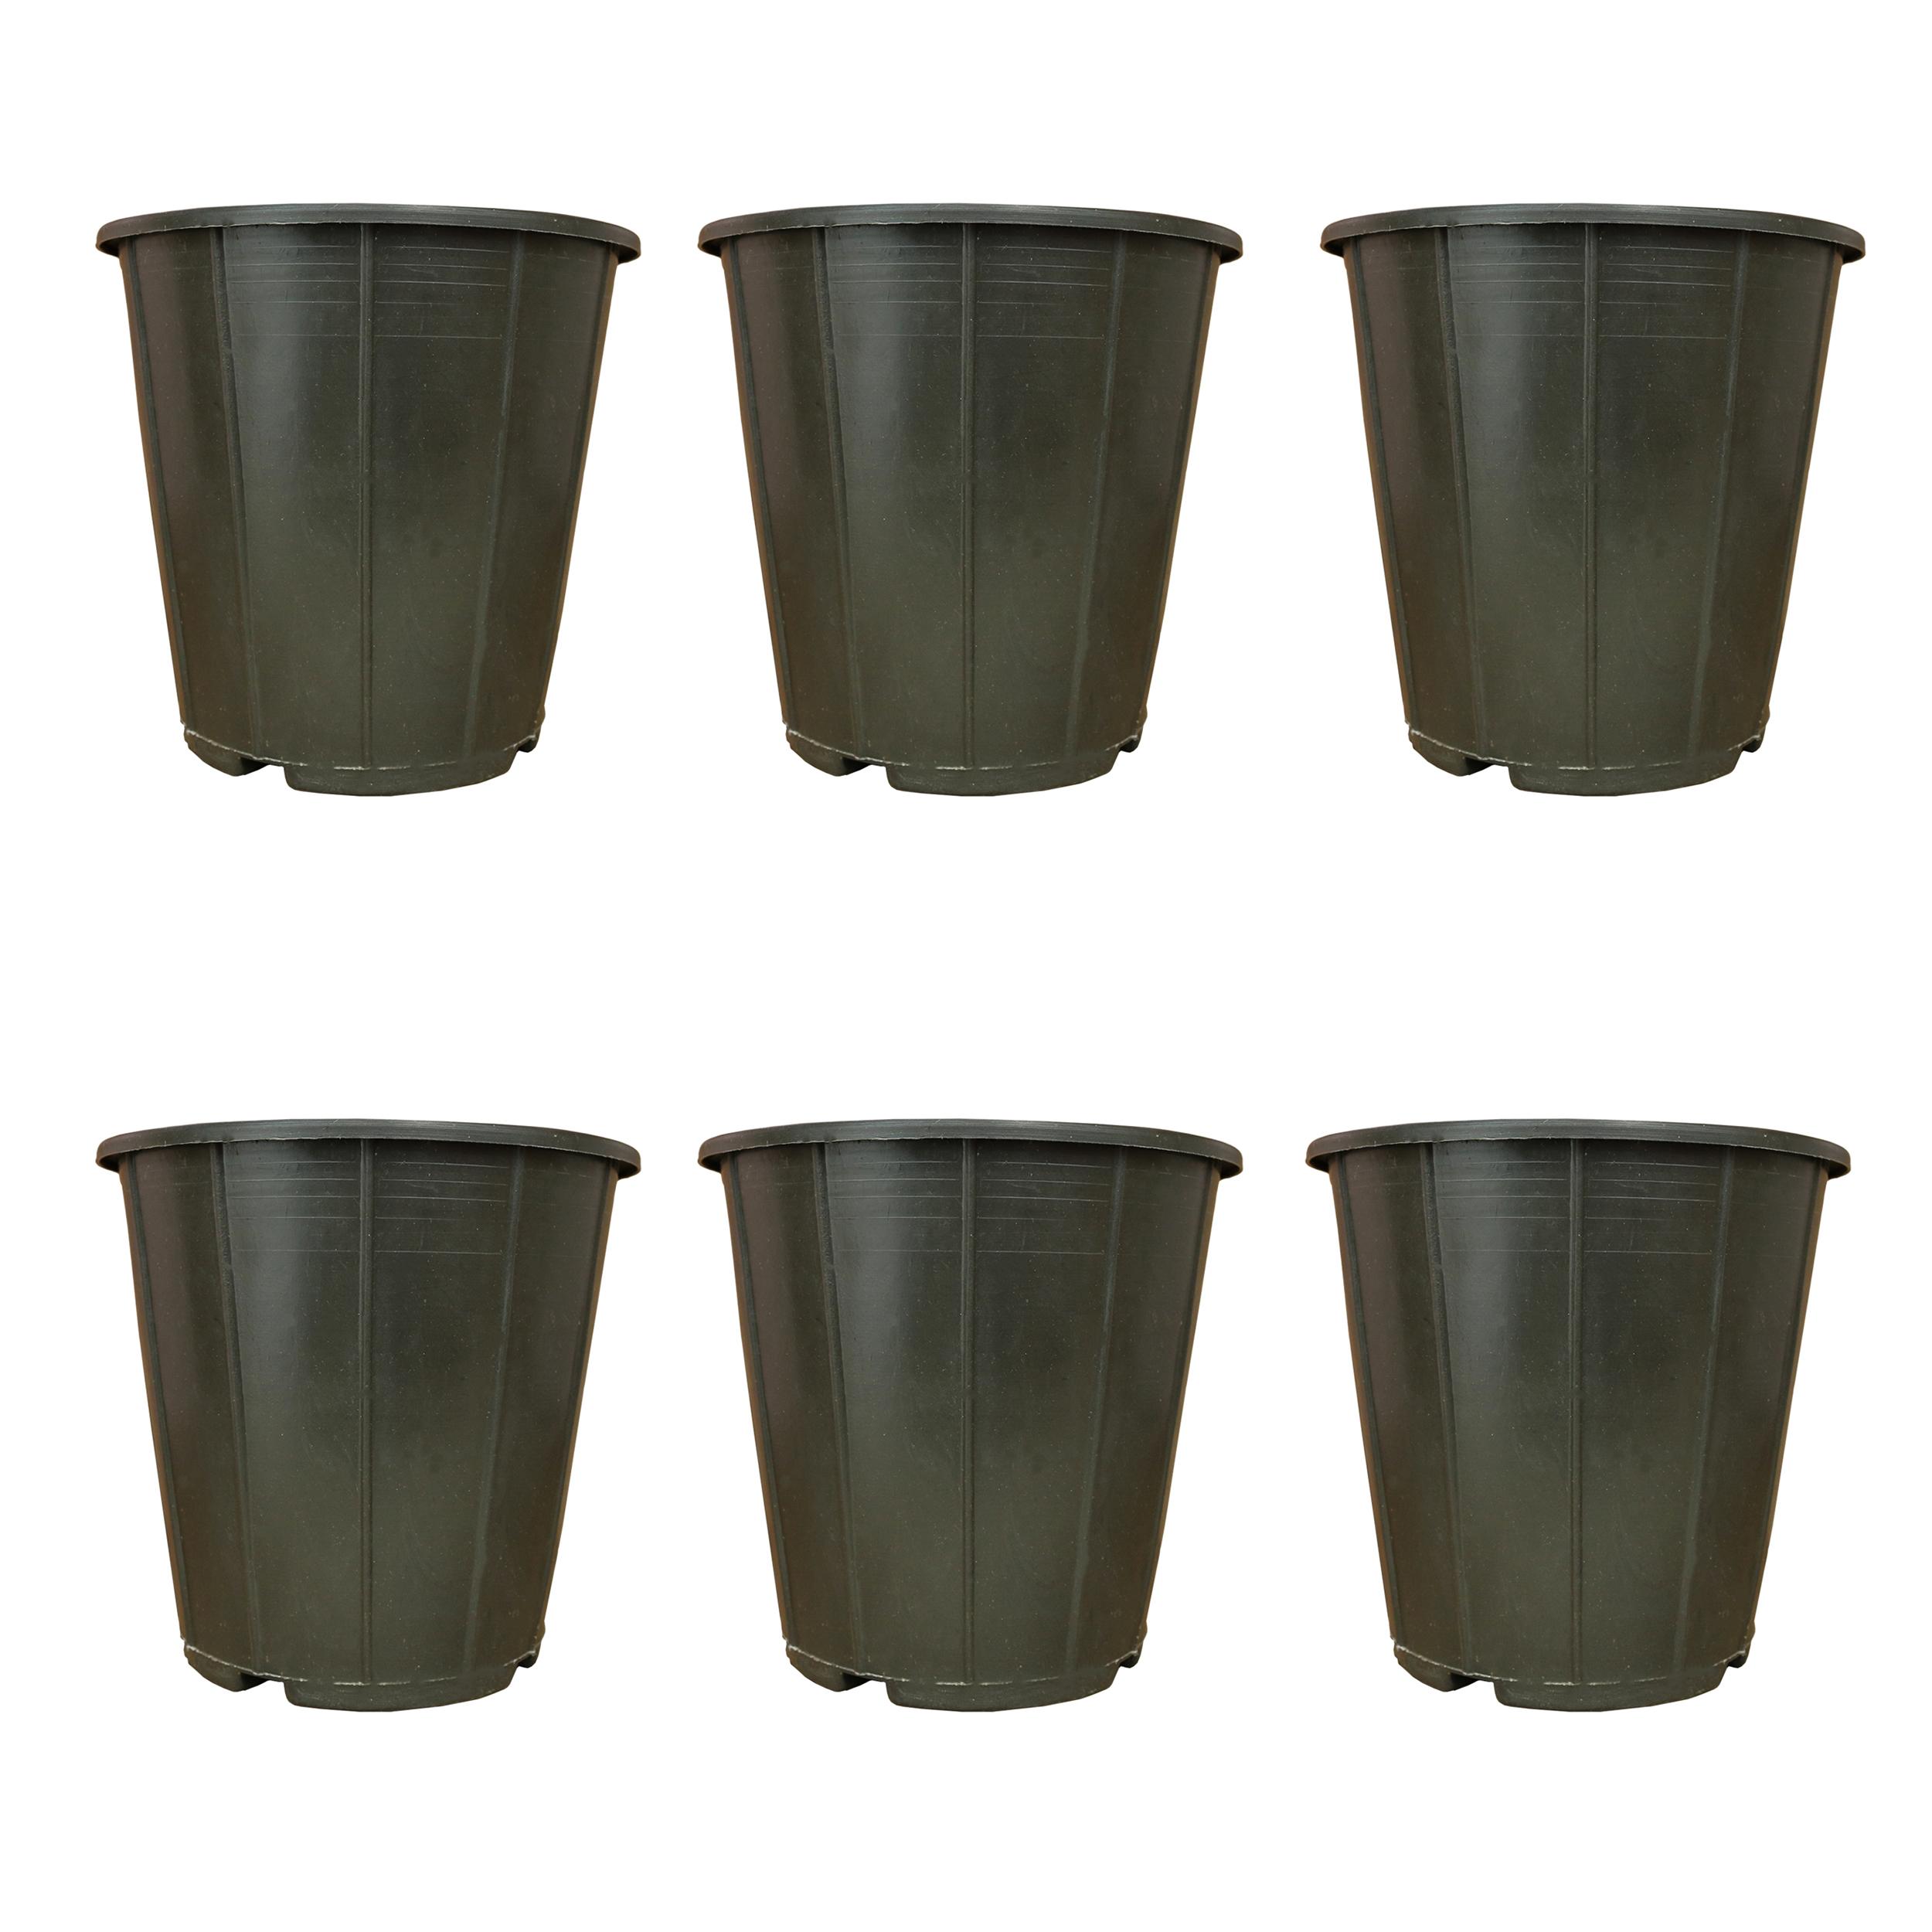 گلدان کشاورزی مدل GS-03 مجموعه 6 عددی